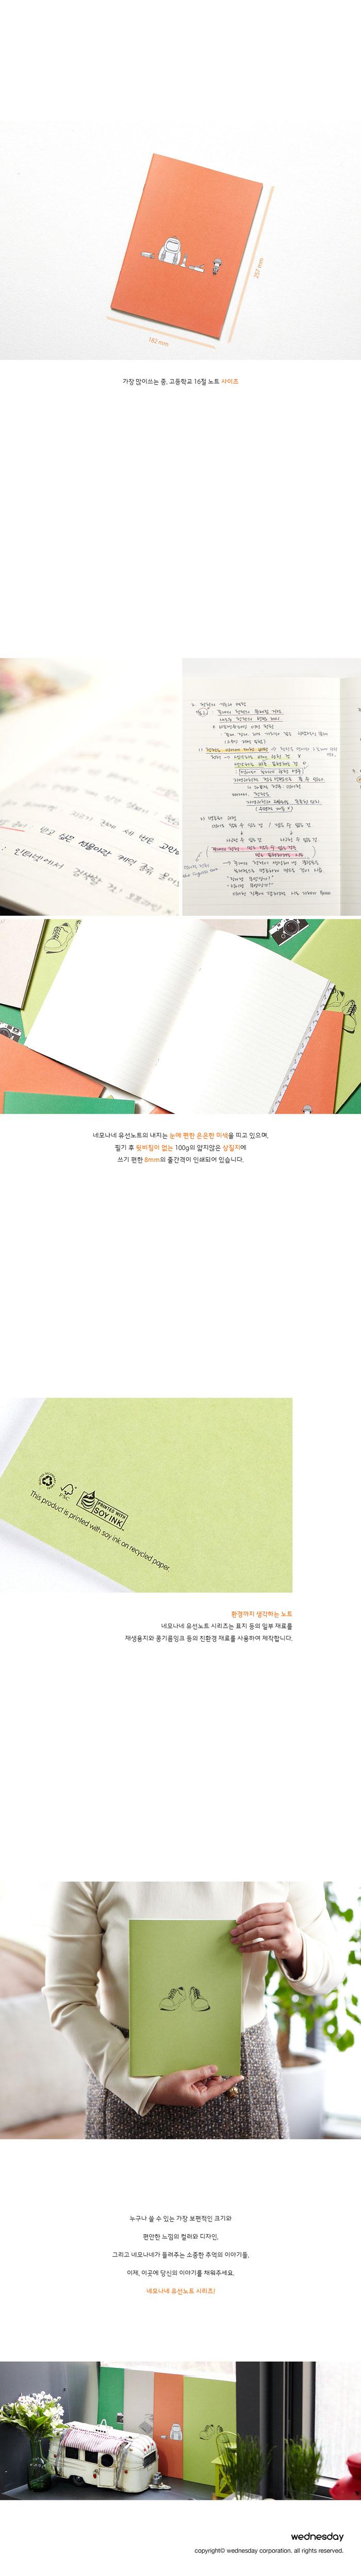 네모나네 유선노트(301-304) - 웬즈데이, 1,200원, 베이직노트, 유선노트